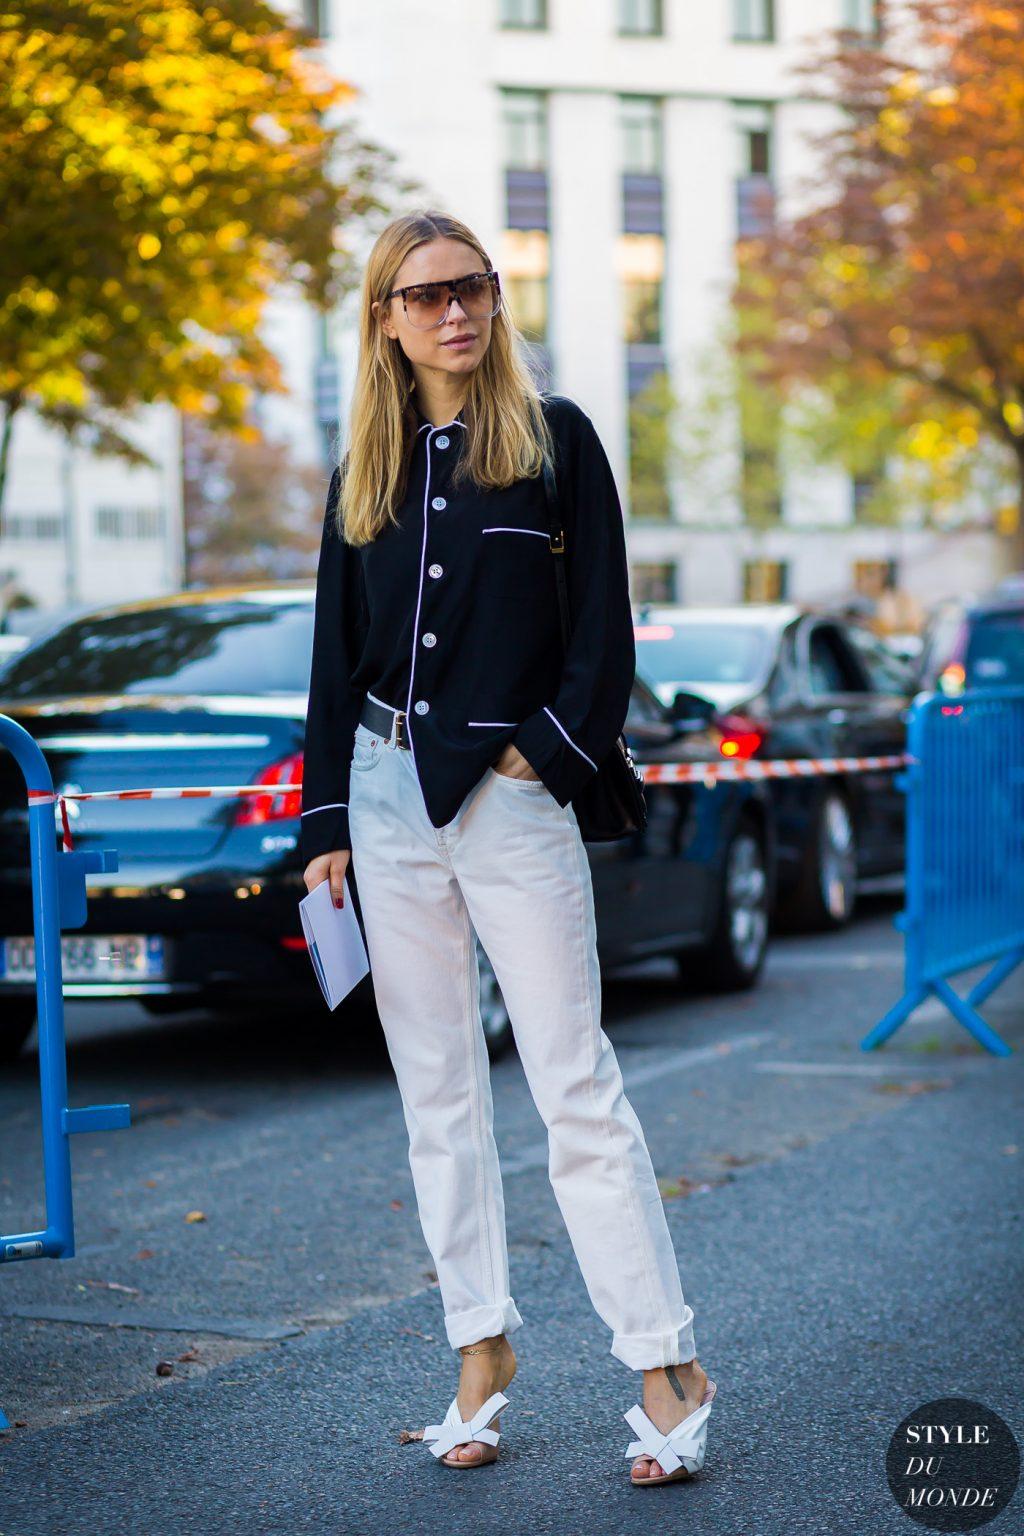 fashionista diện sơmi đen, quần jeans trắng và kính oversized